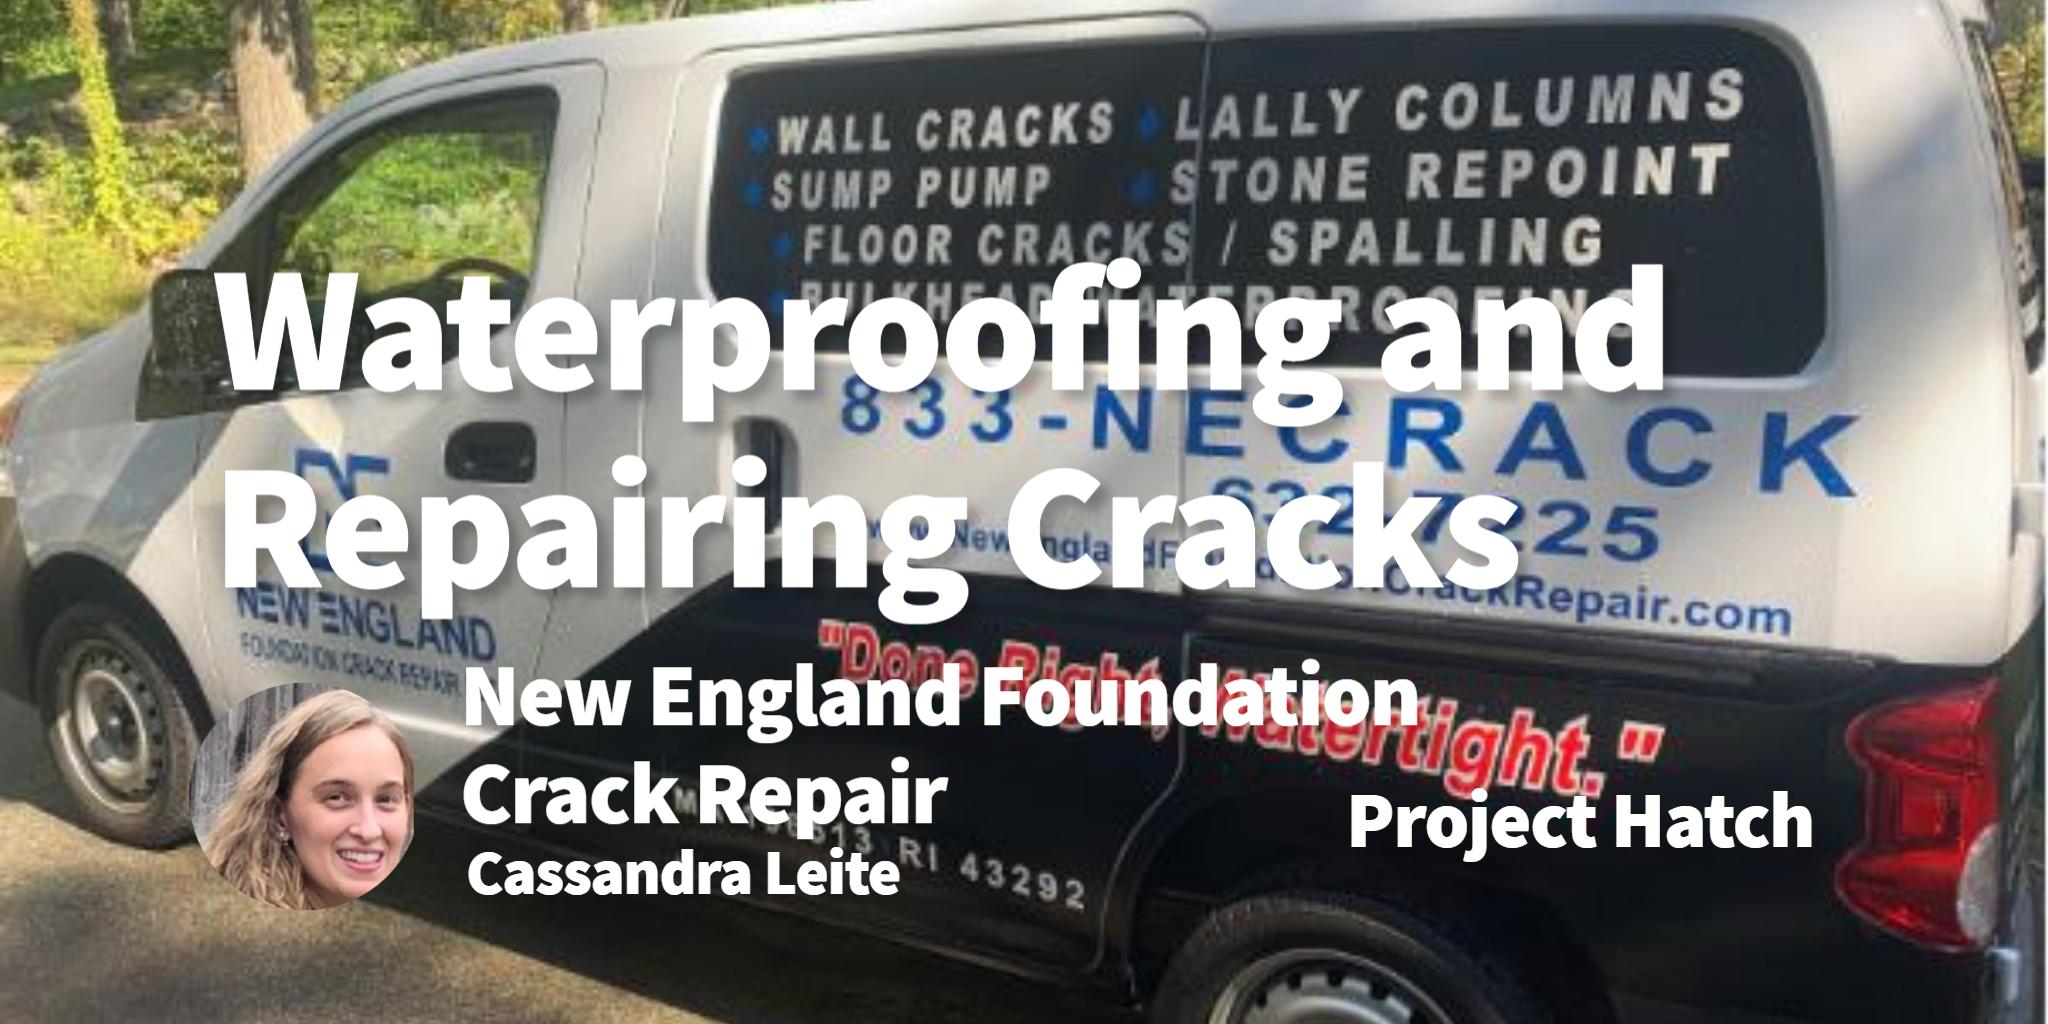 New England Foundation Crack Repair Cassandra Leite